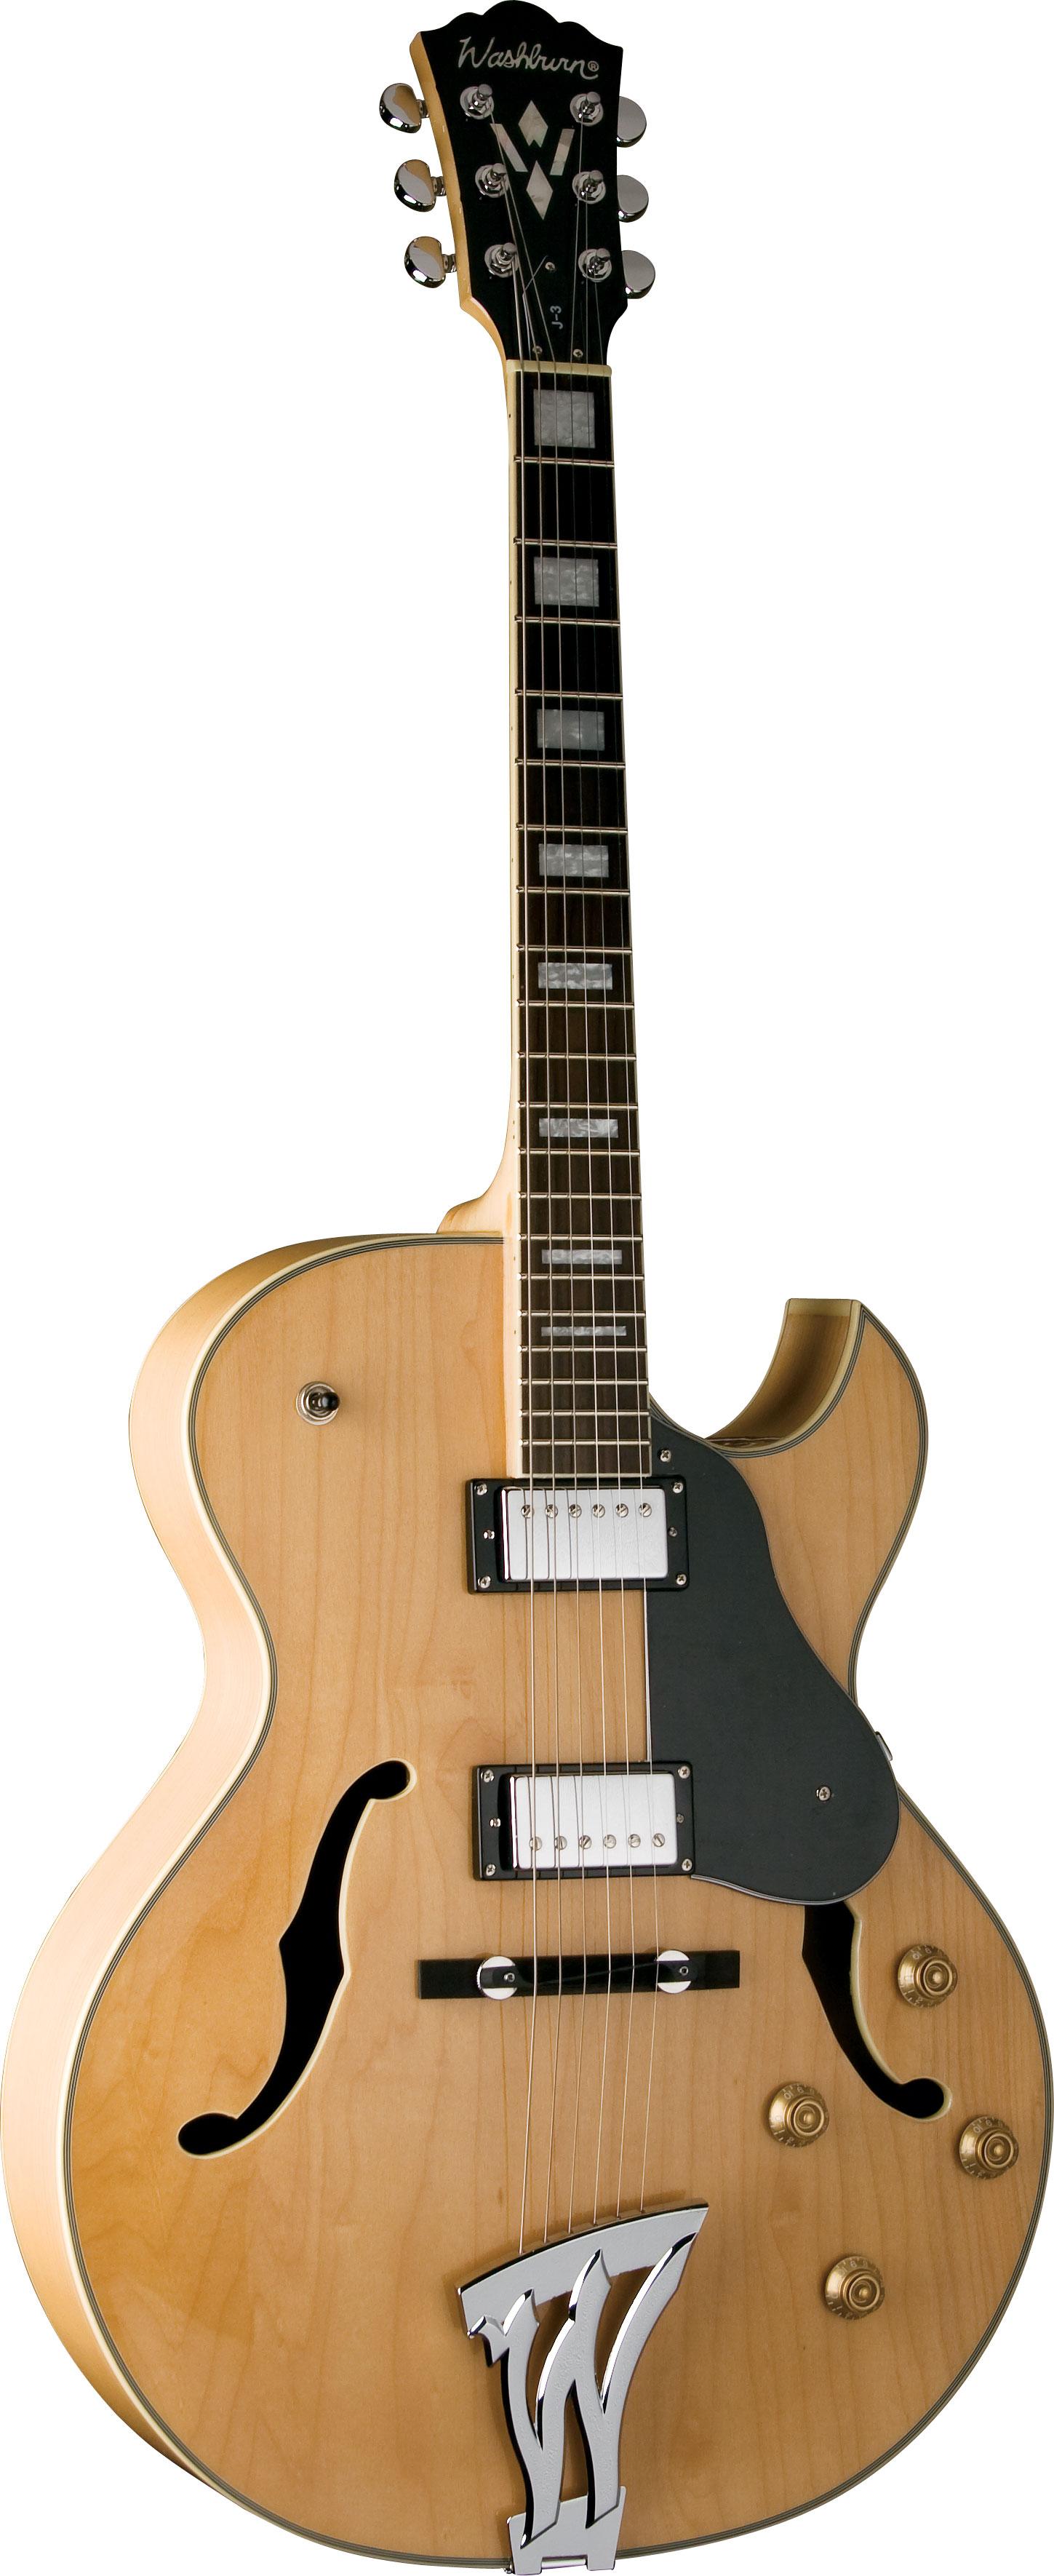 electric guitars washburn j3nk jazz electric guitar natural. Black Bedroom Furniture Sets. Home Design Ideas